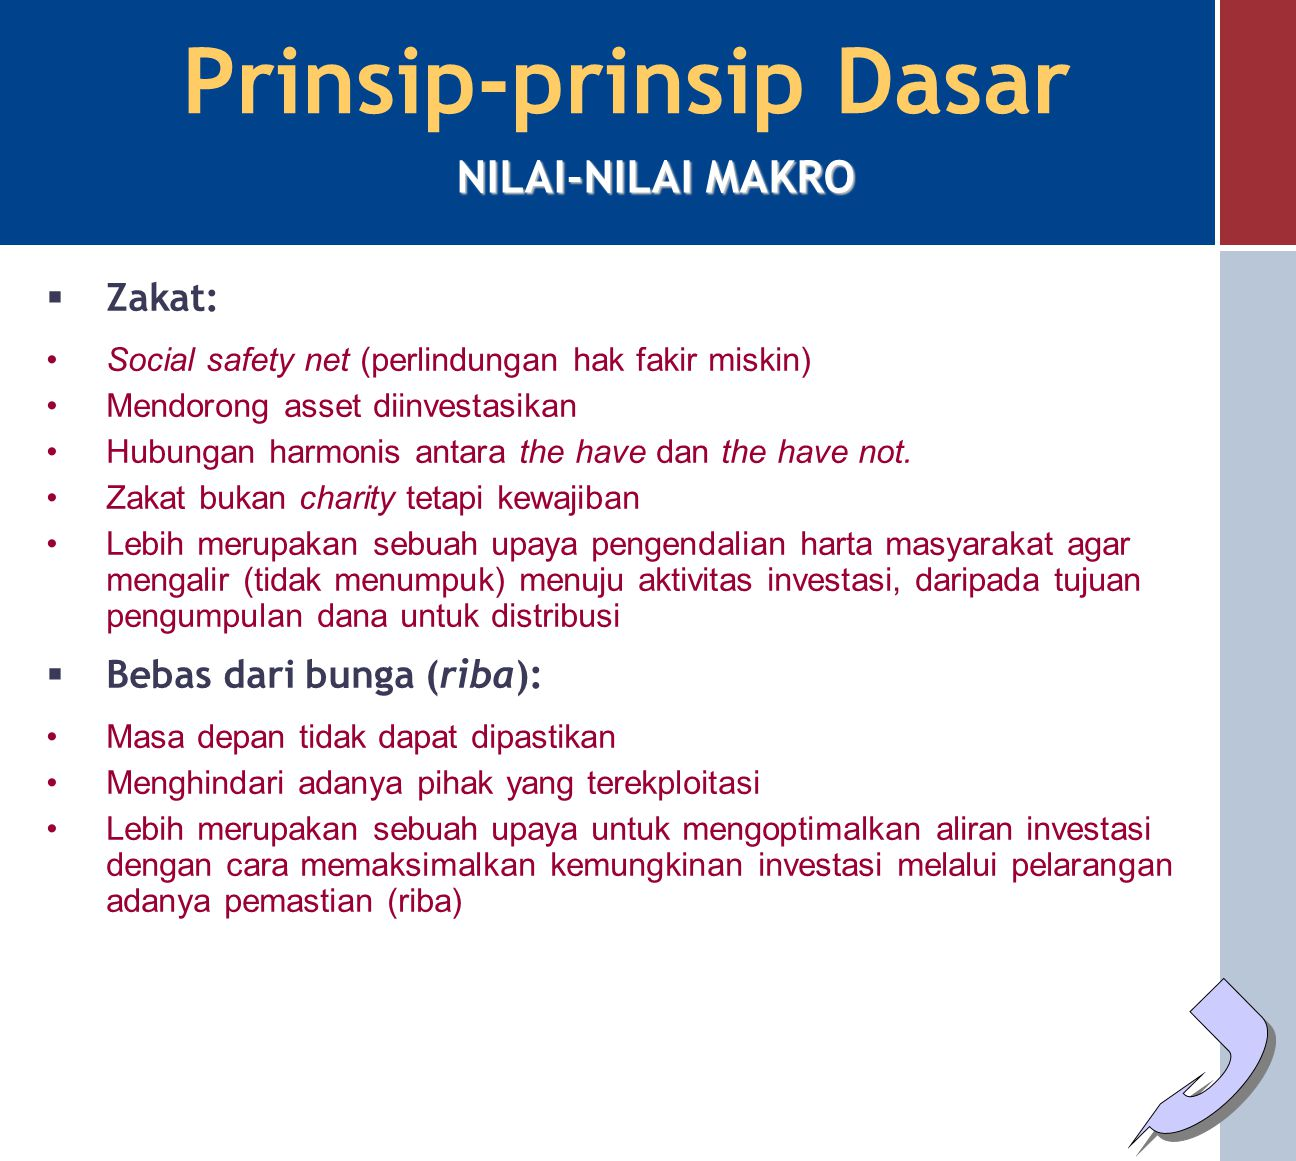 Prinsip-prinsip Dasar  Keadilan: Keseimbangan antara hak dan kewajiban Tata hubungan sederajat (tidak ada pihak yang mengekploitasi dan terekploitasi